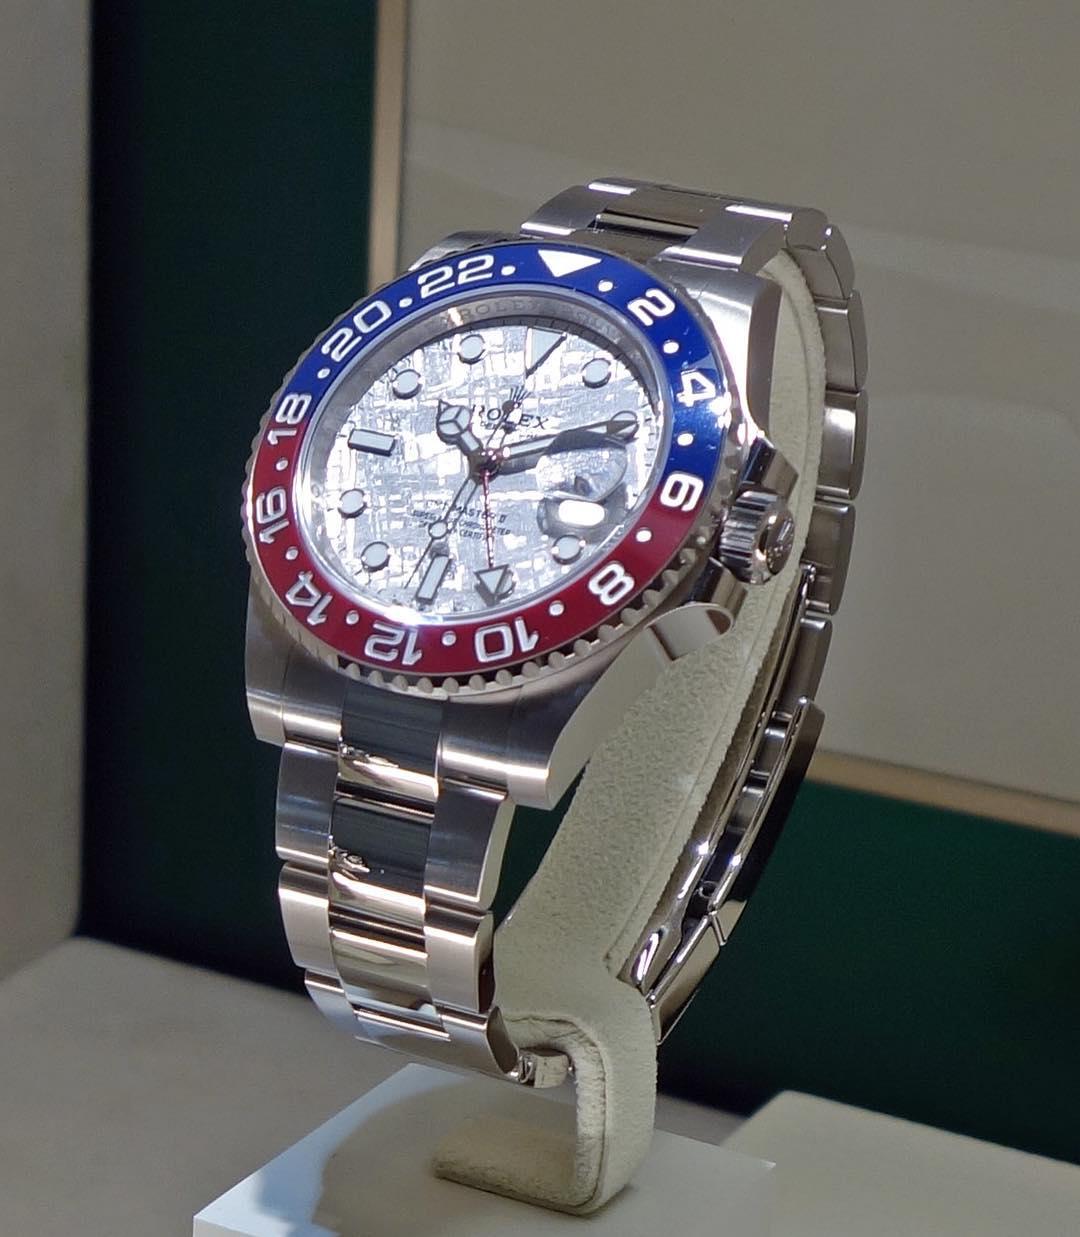 Rolex GMT-Master II Ref. 126719BLRO